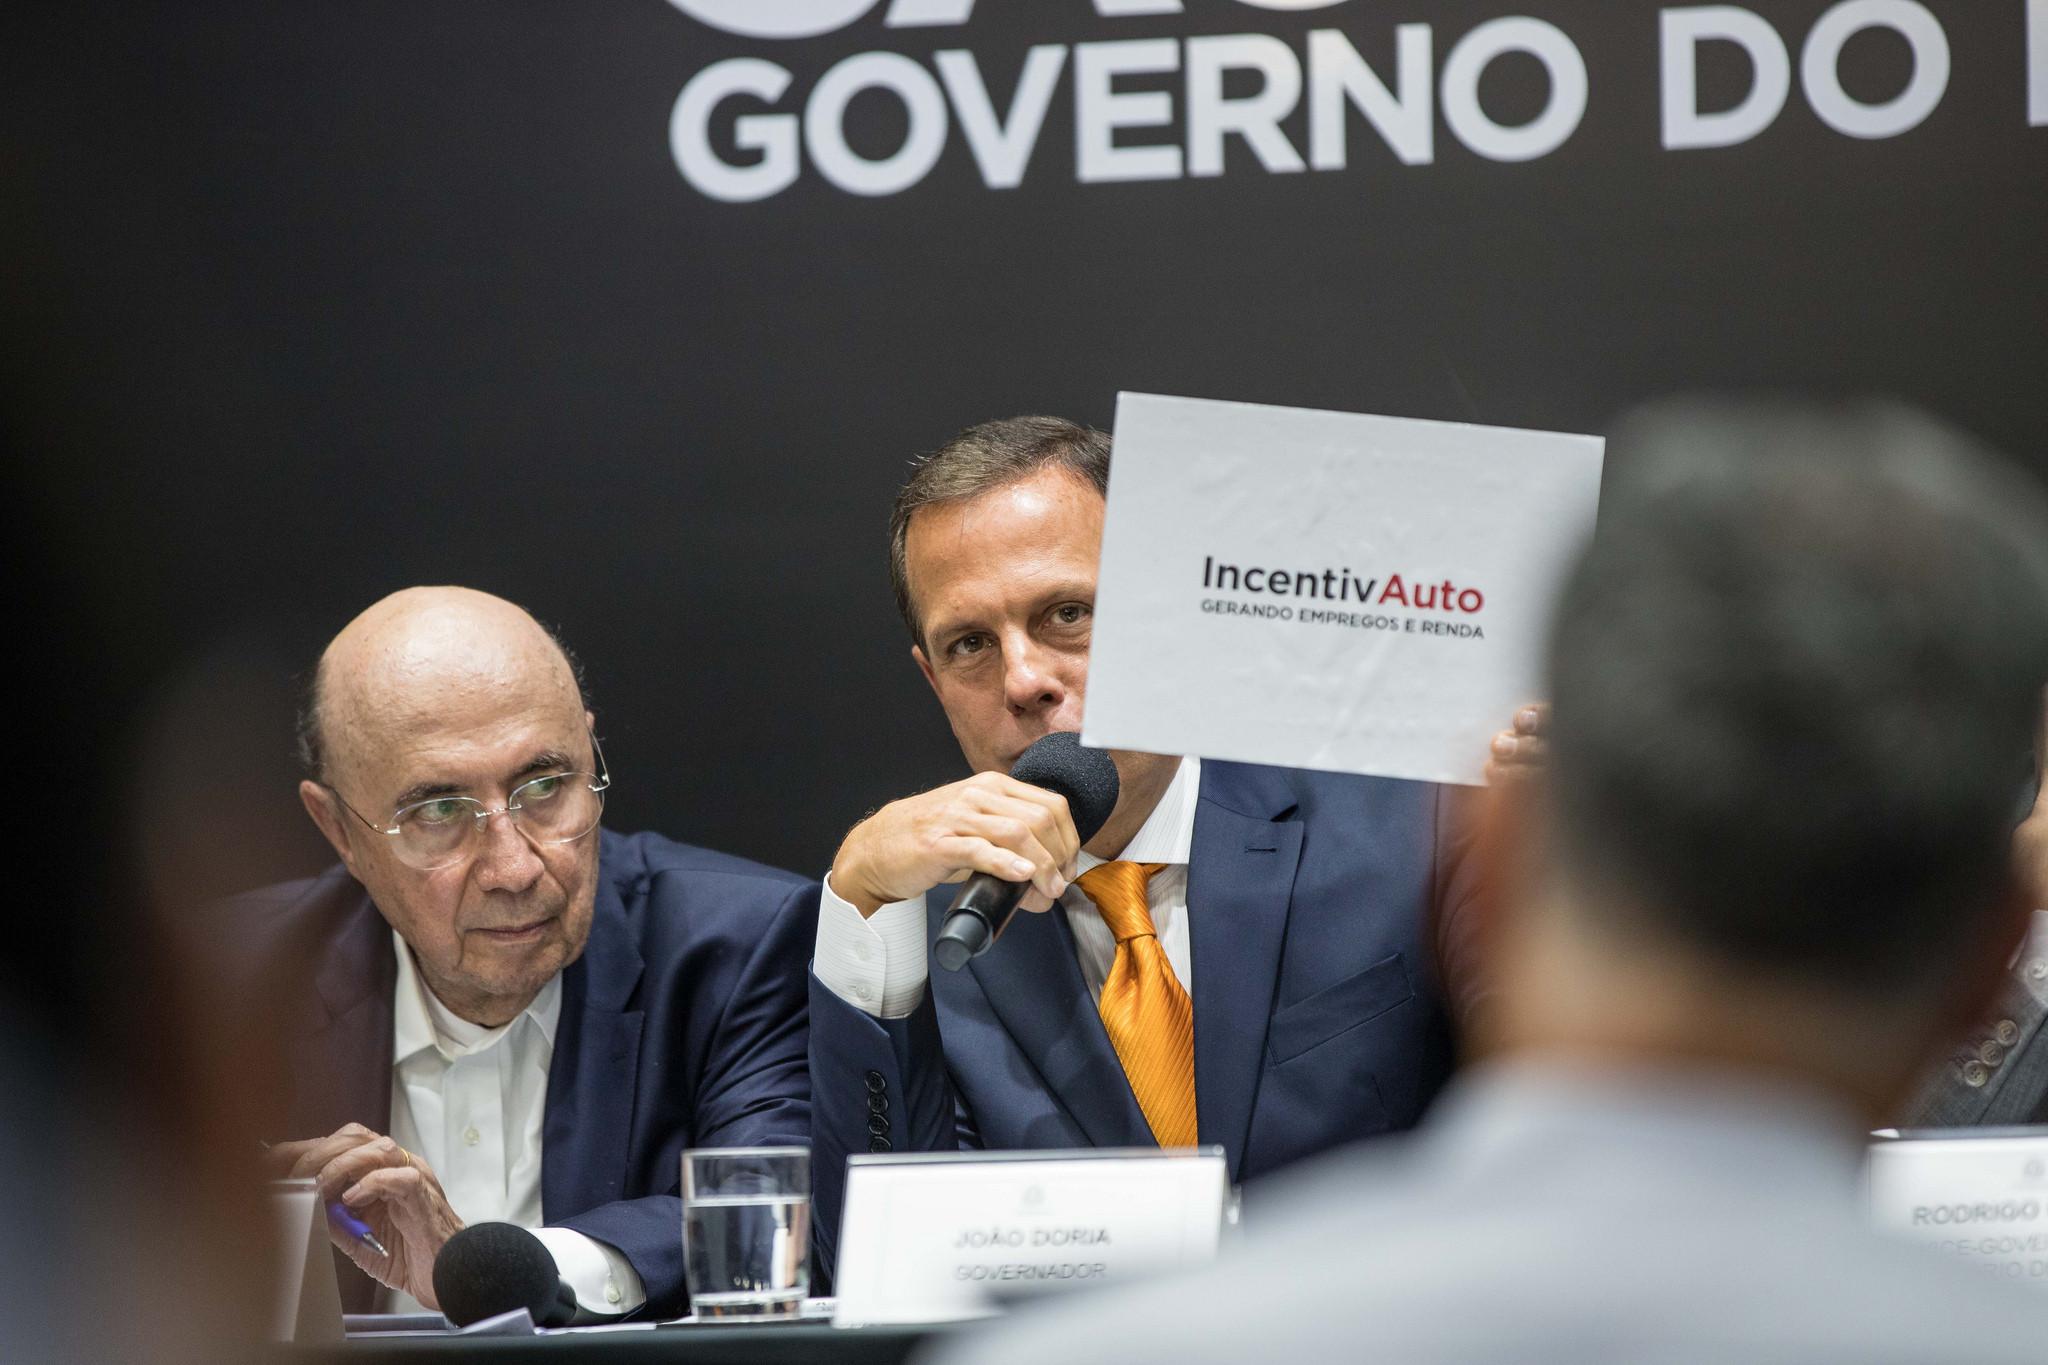 Doria anuncia incentivo fiscal a montadoras